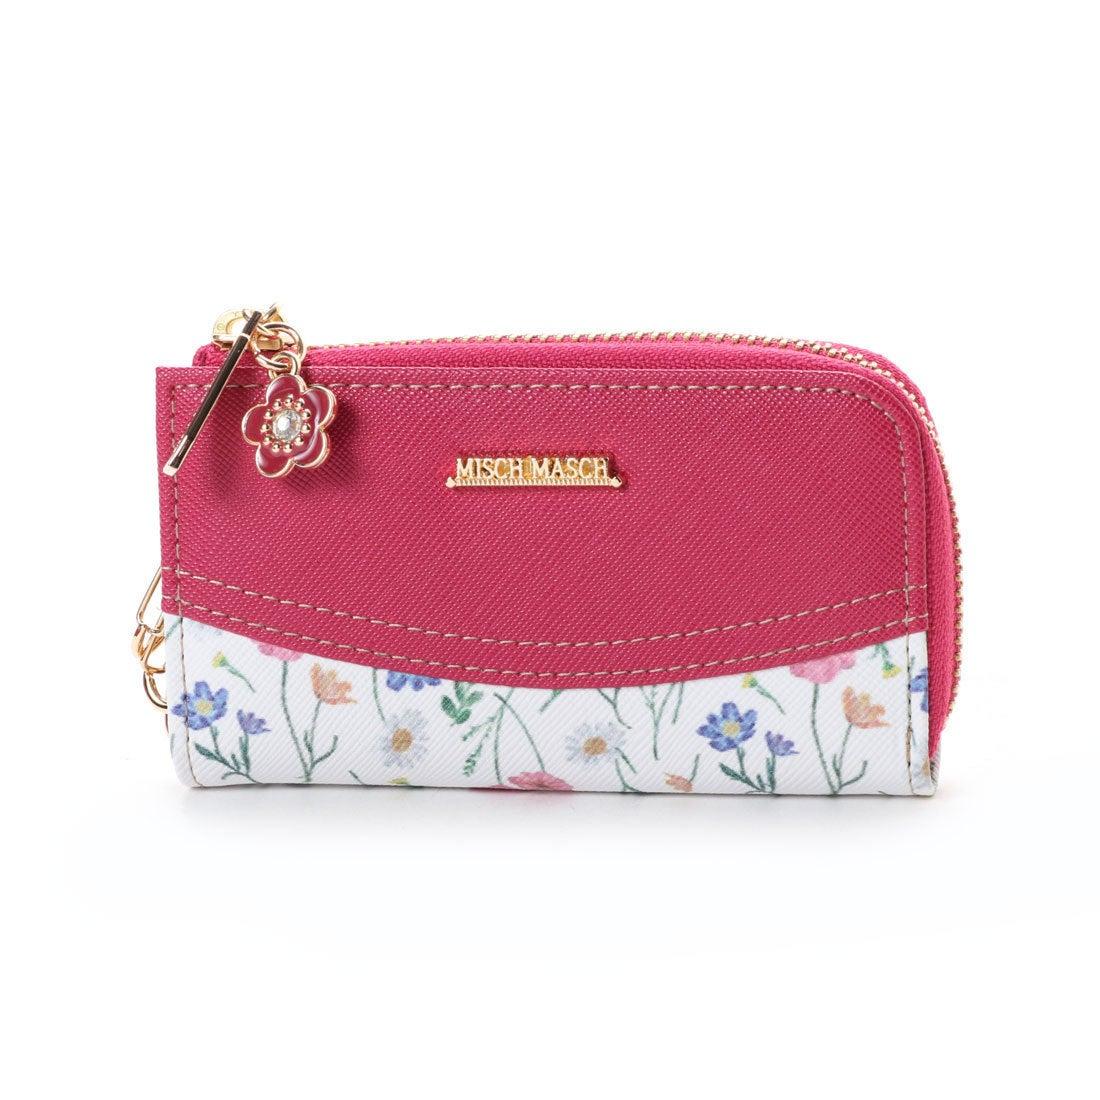 d1d960aac405 ミッシュマッシュ MISCH MASCH オペラ 花柄キーケース (ピンク) -レディースファッション通販 ロコンドガールズコレクション  (LOCONDO GIRL'S COLLECTION)